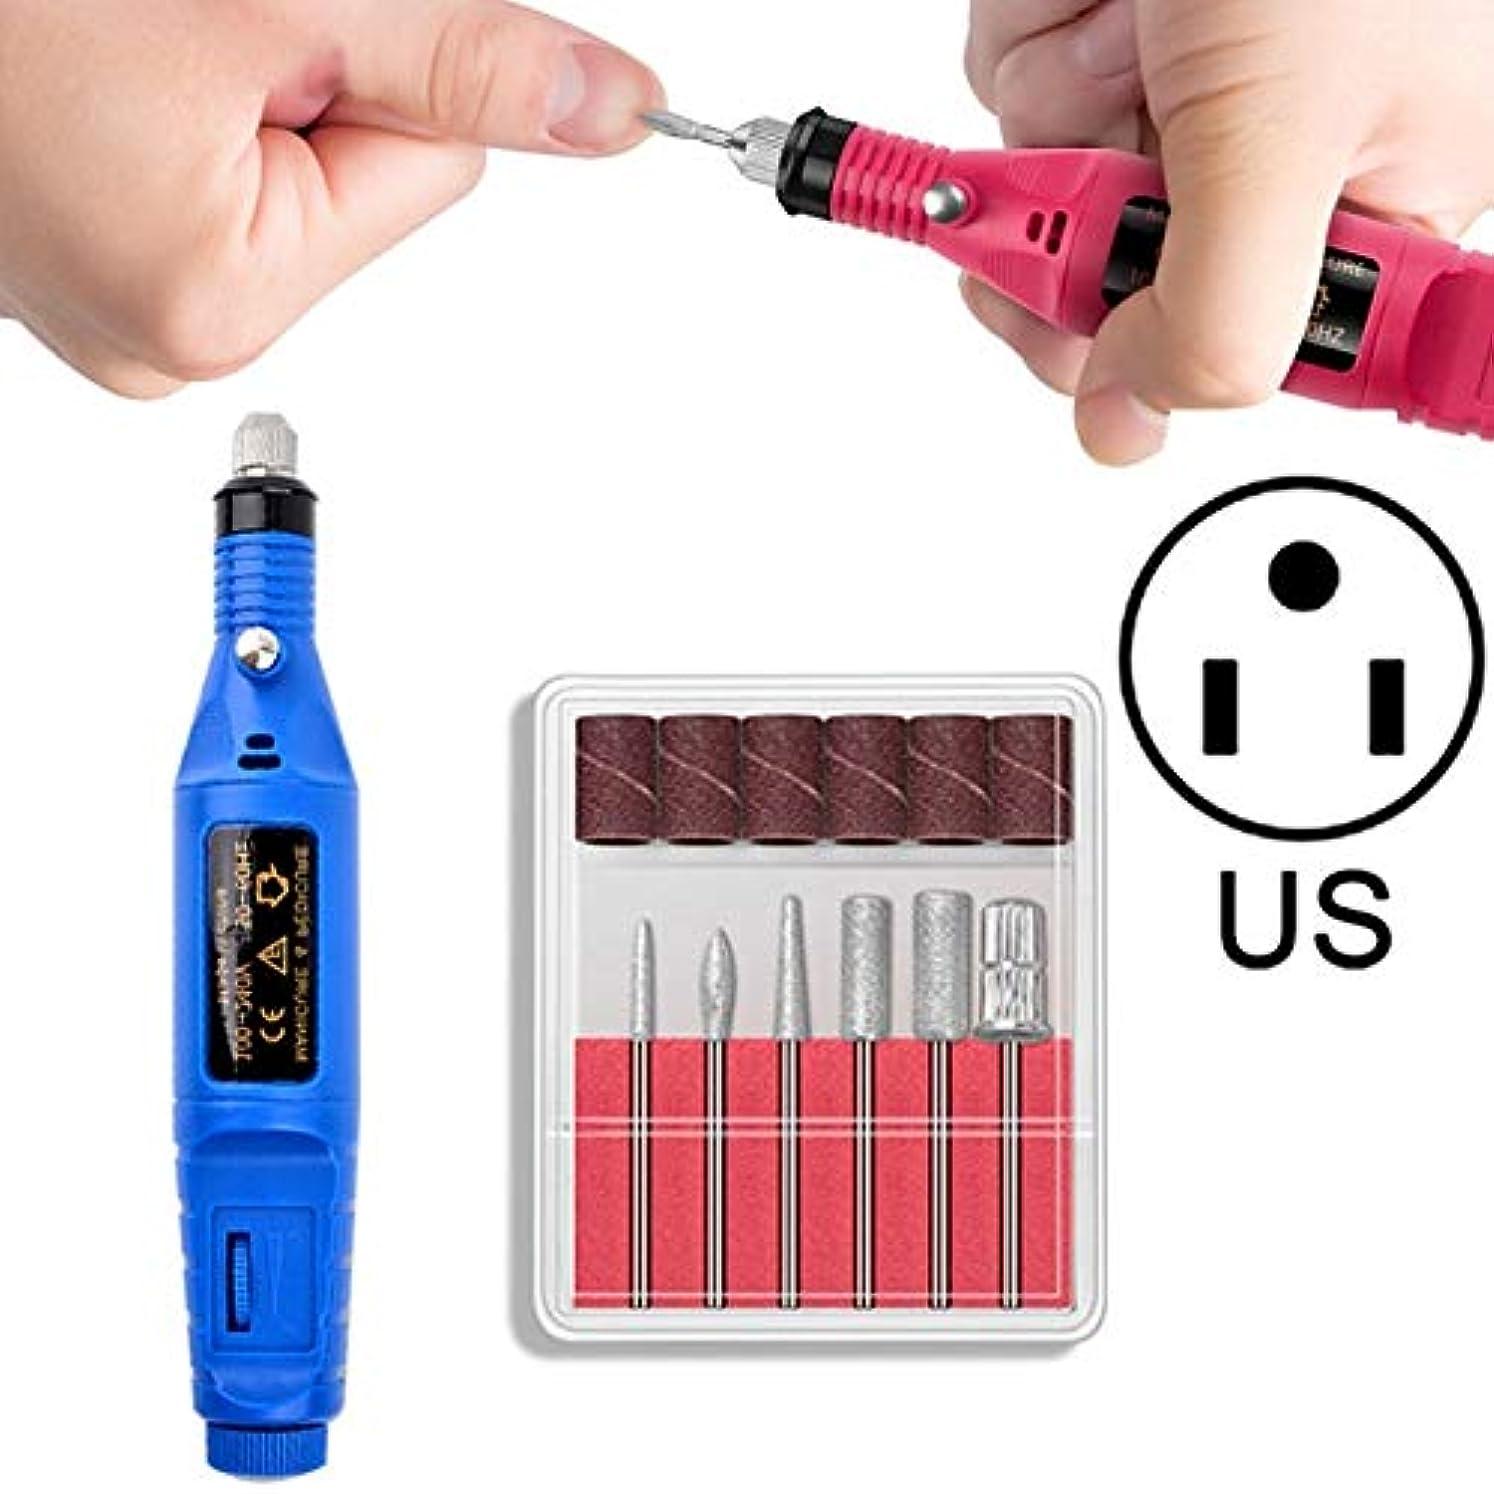 講堂手がかりほのめかすYan 電動ネイルキットネイルのヒントマニキュア機電動ネイルアートペン(EUブラック) (色 : US Blue)